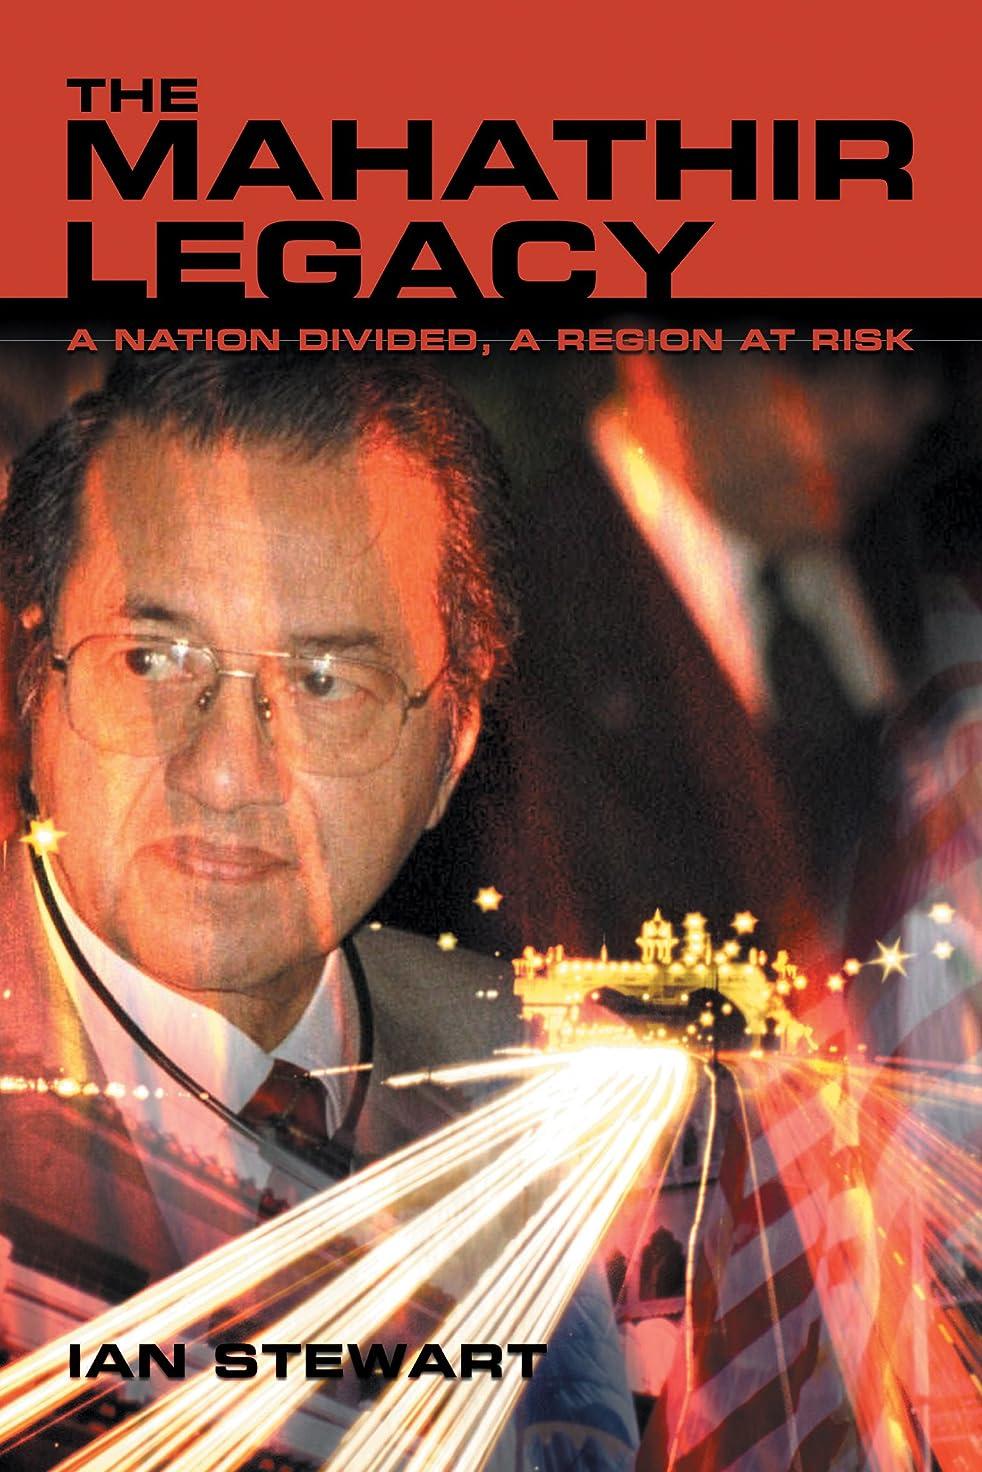 集めるスイ住所The Mahathir Legacy: A Nation Divided, a Region at Risk